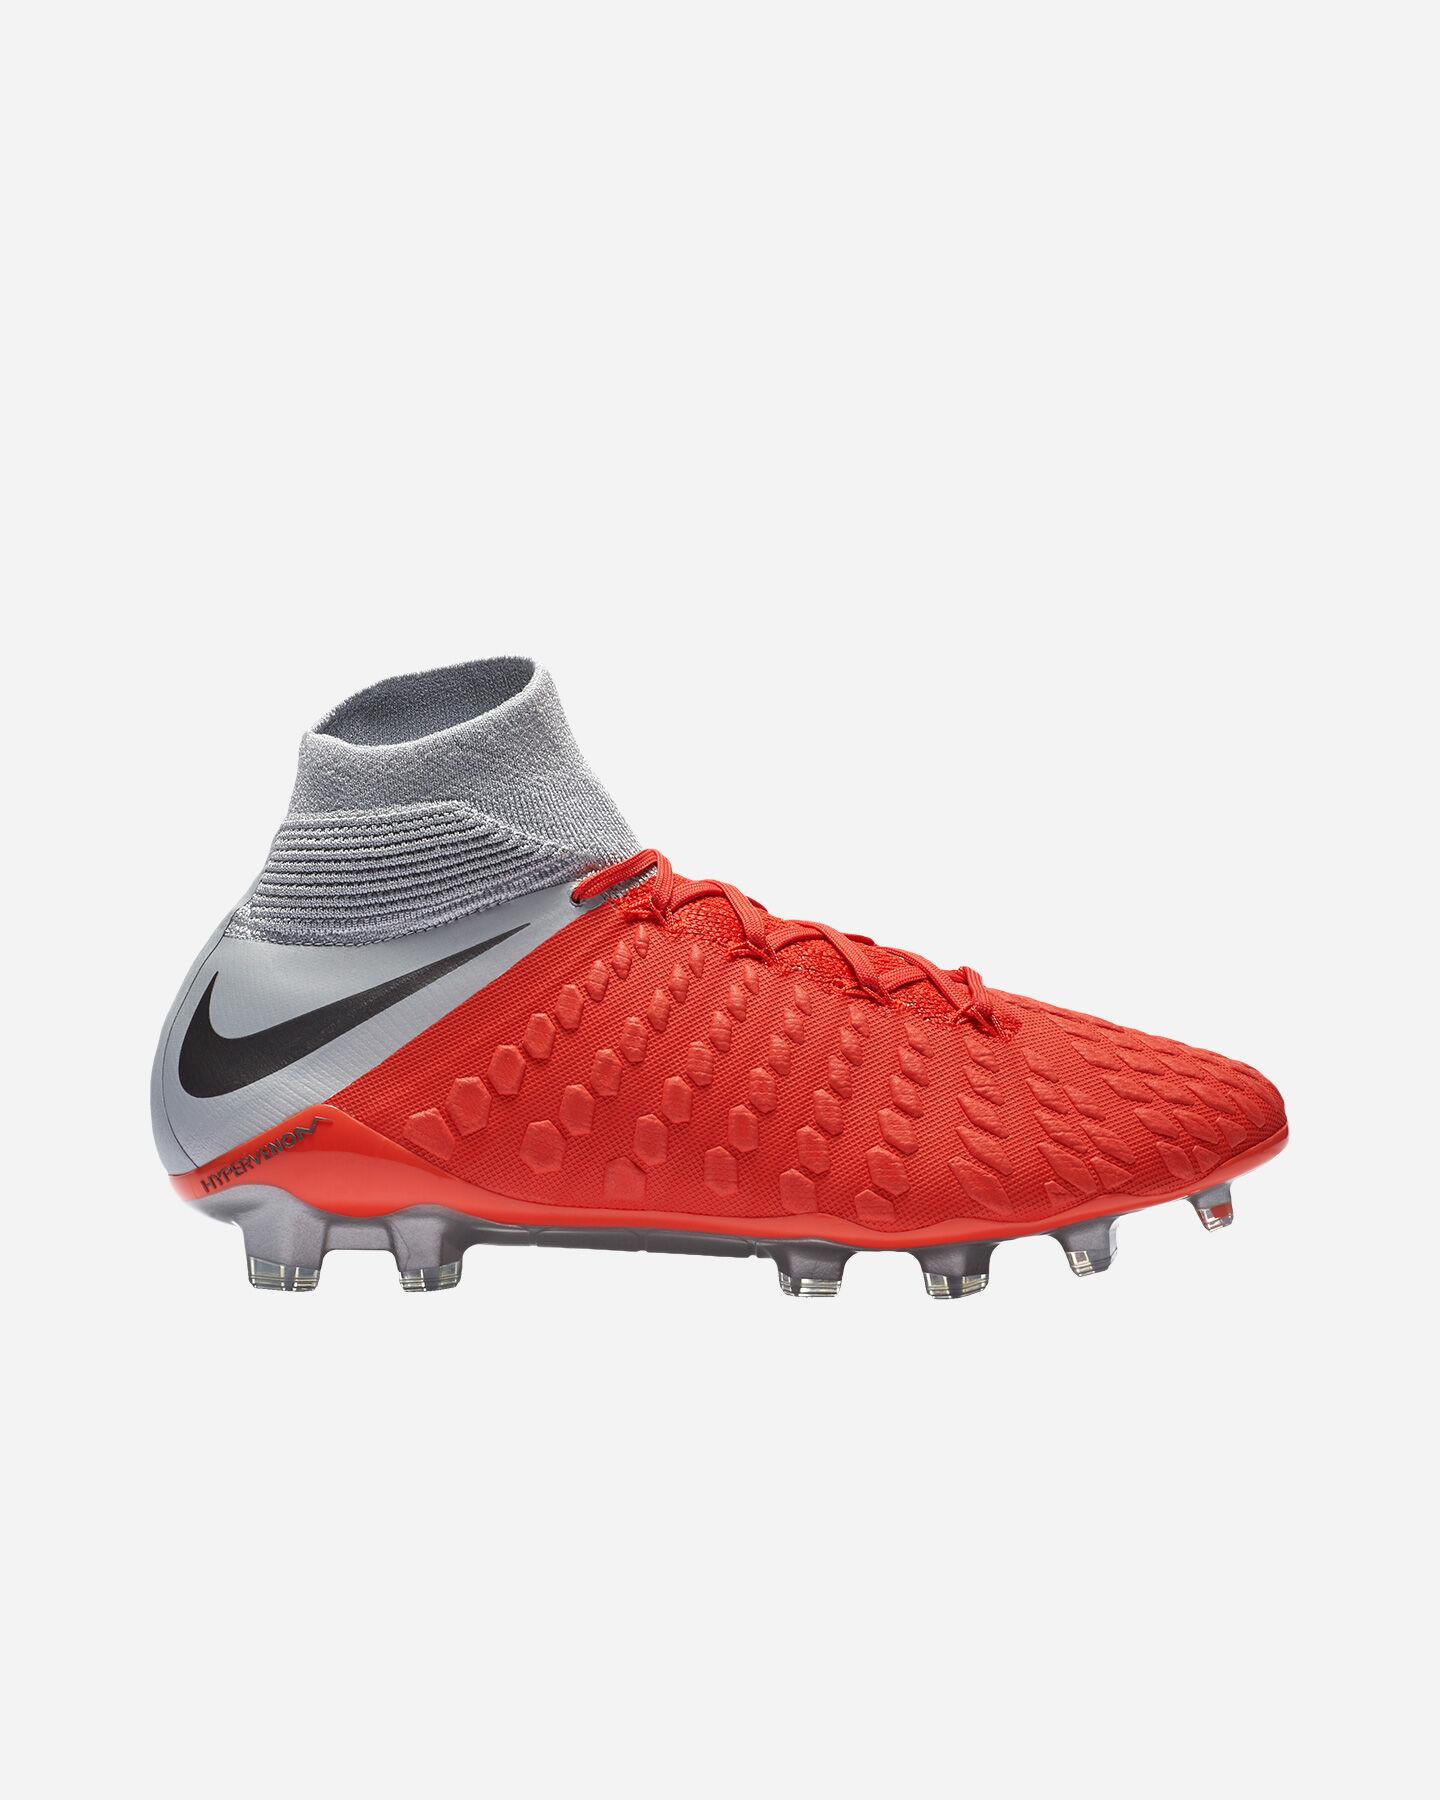 59d24dc40bd82e Acquista nuovi modelli scarpe da calcio nike - OFF67% sconti